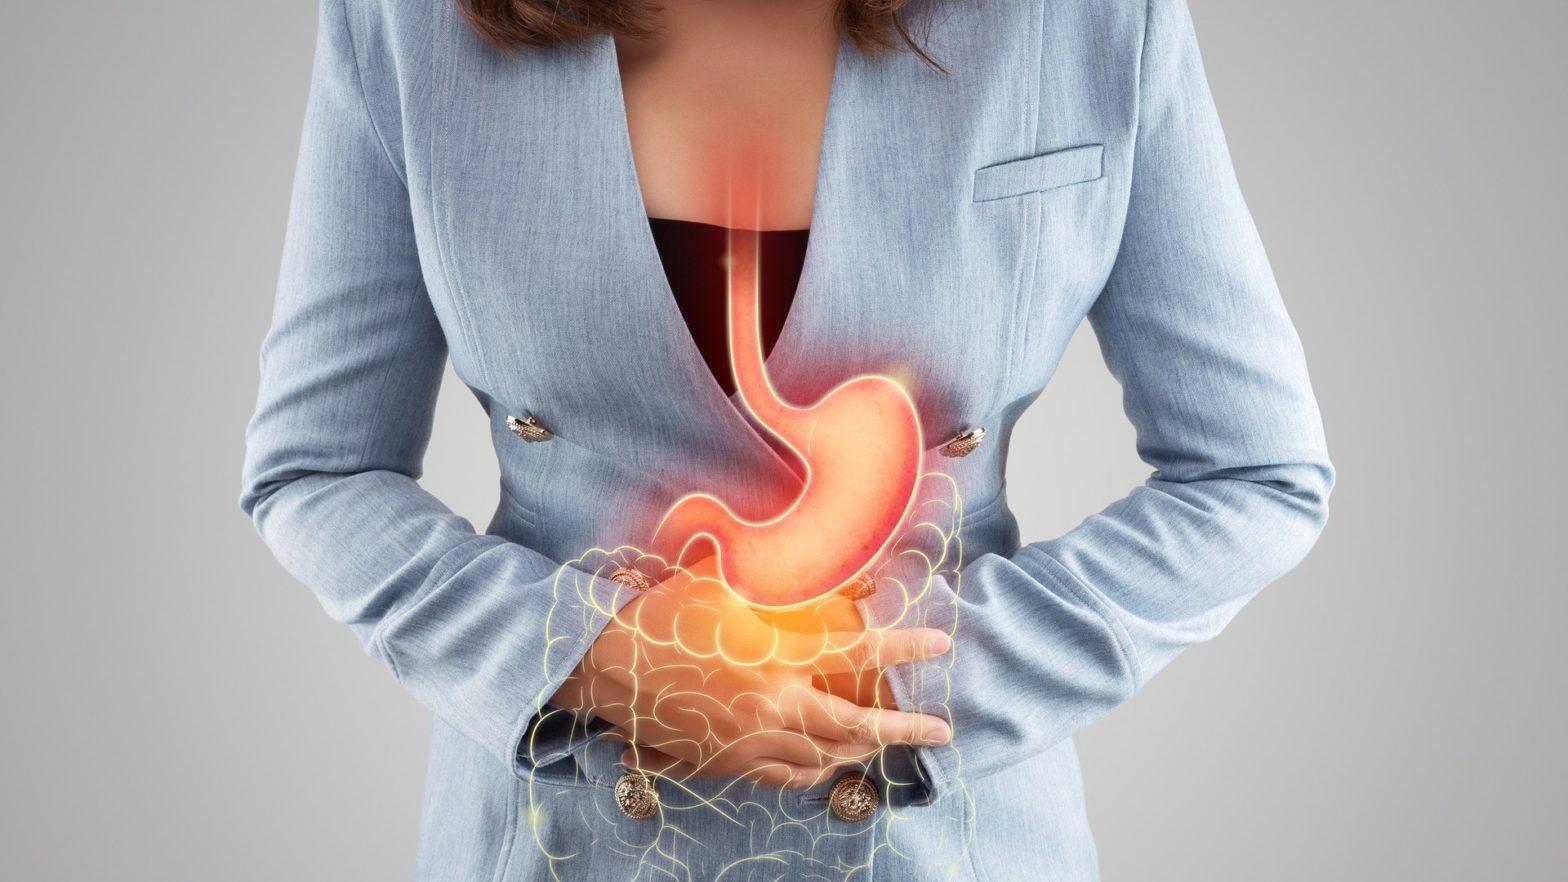 Mulher com as mãos na barriga, e desenho do aparelho digestivo.